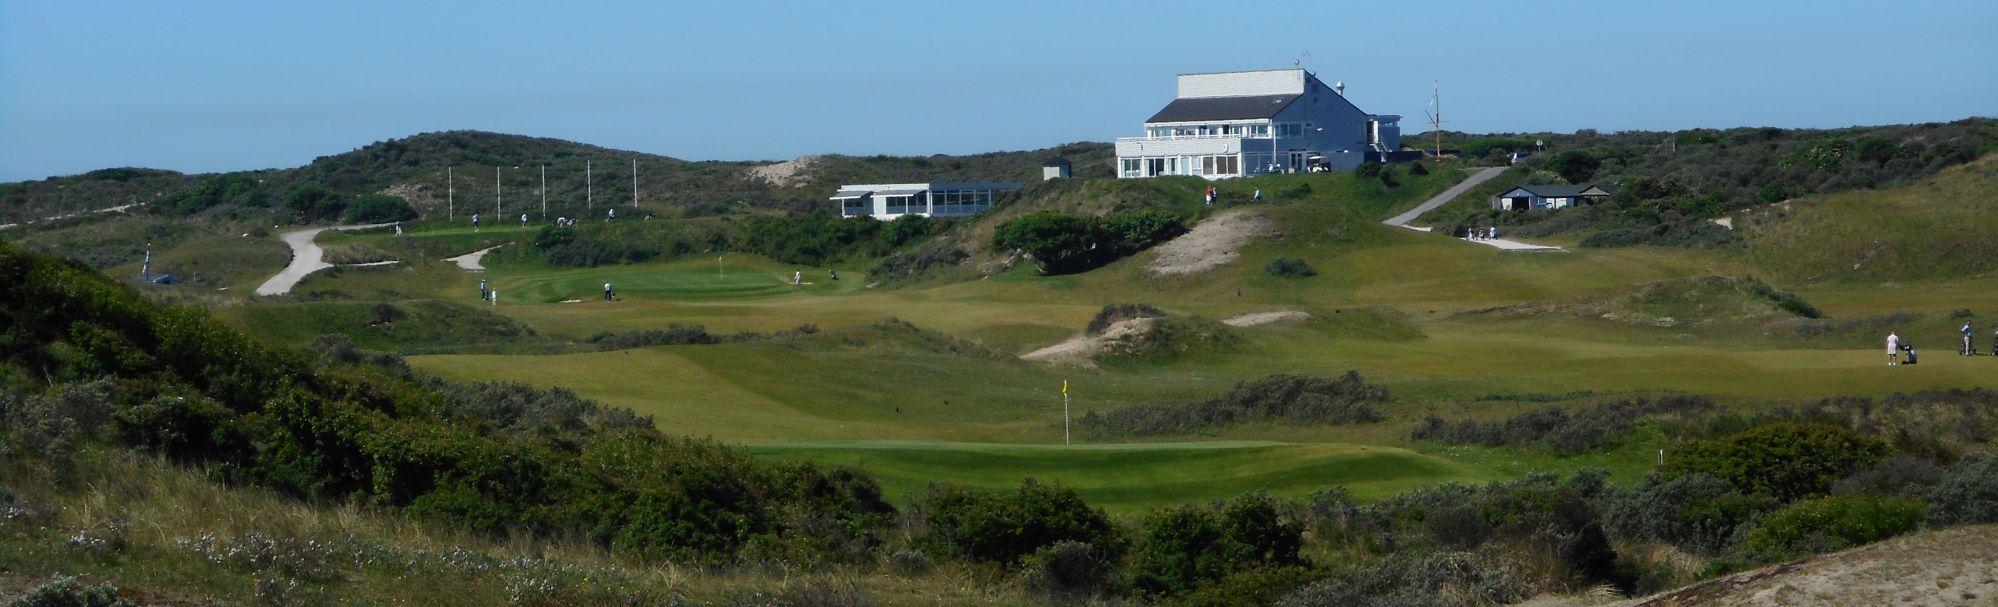 Golfbaan van de Noordwijkse Golfclub